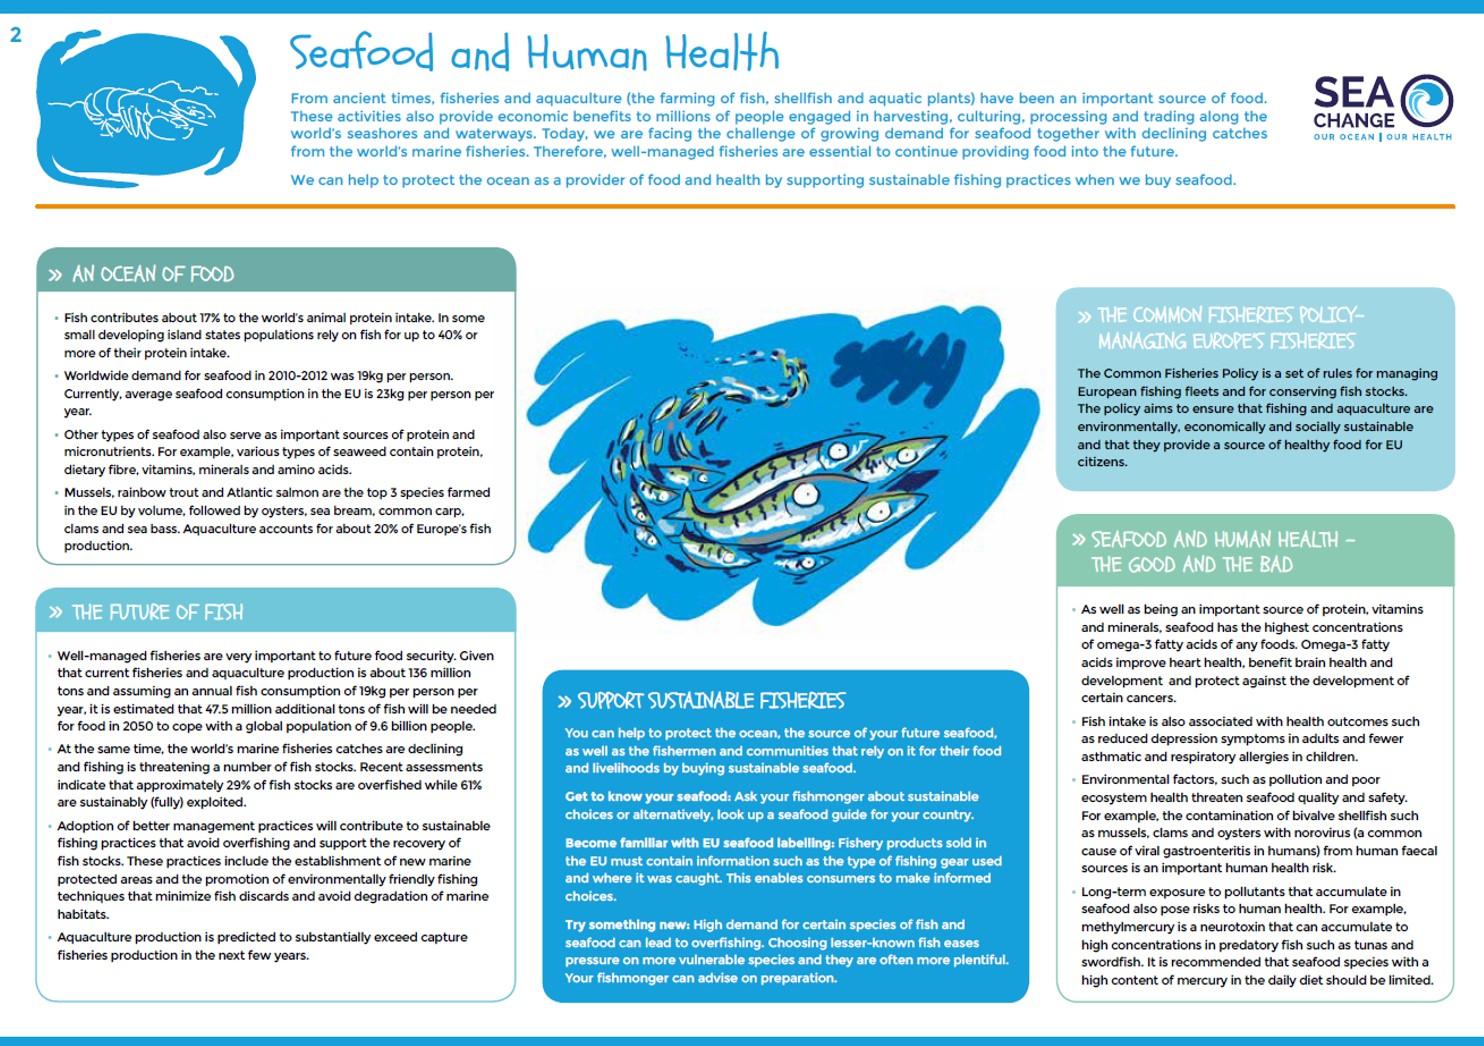 2 - Seafood